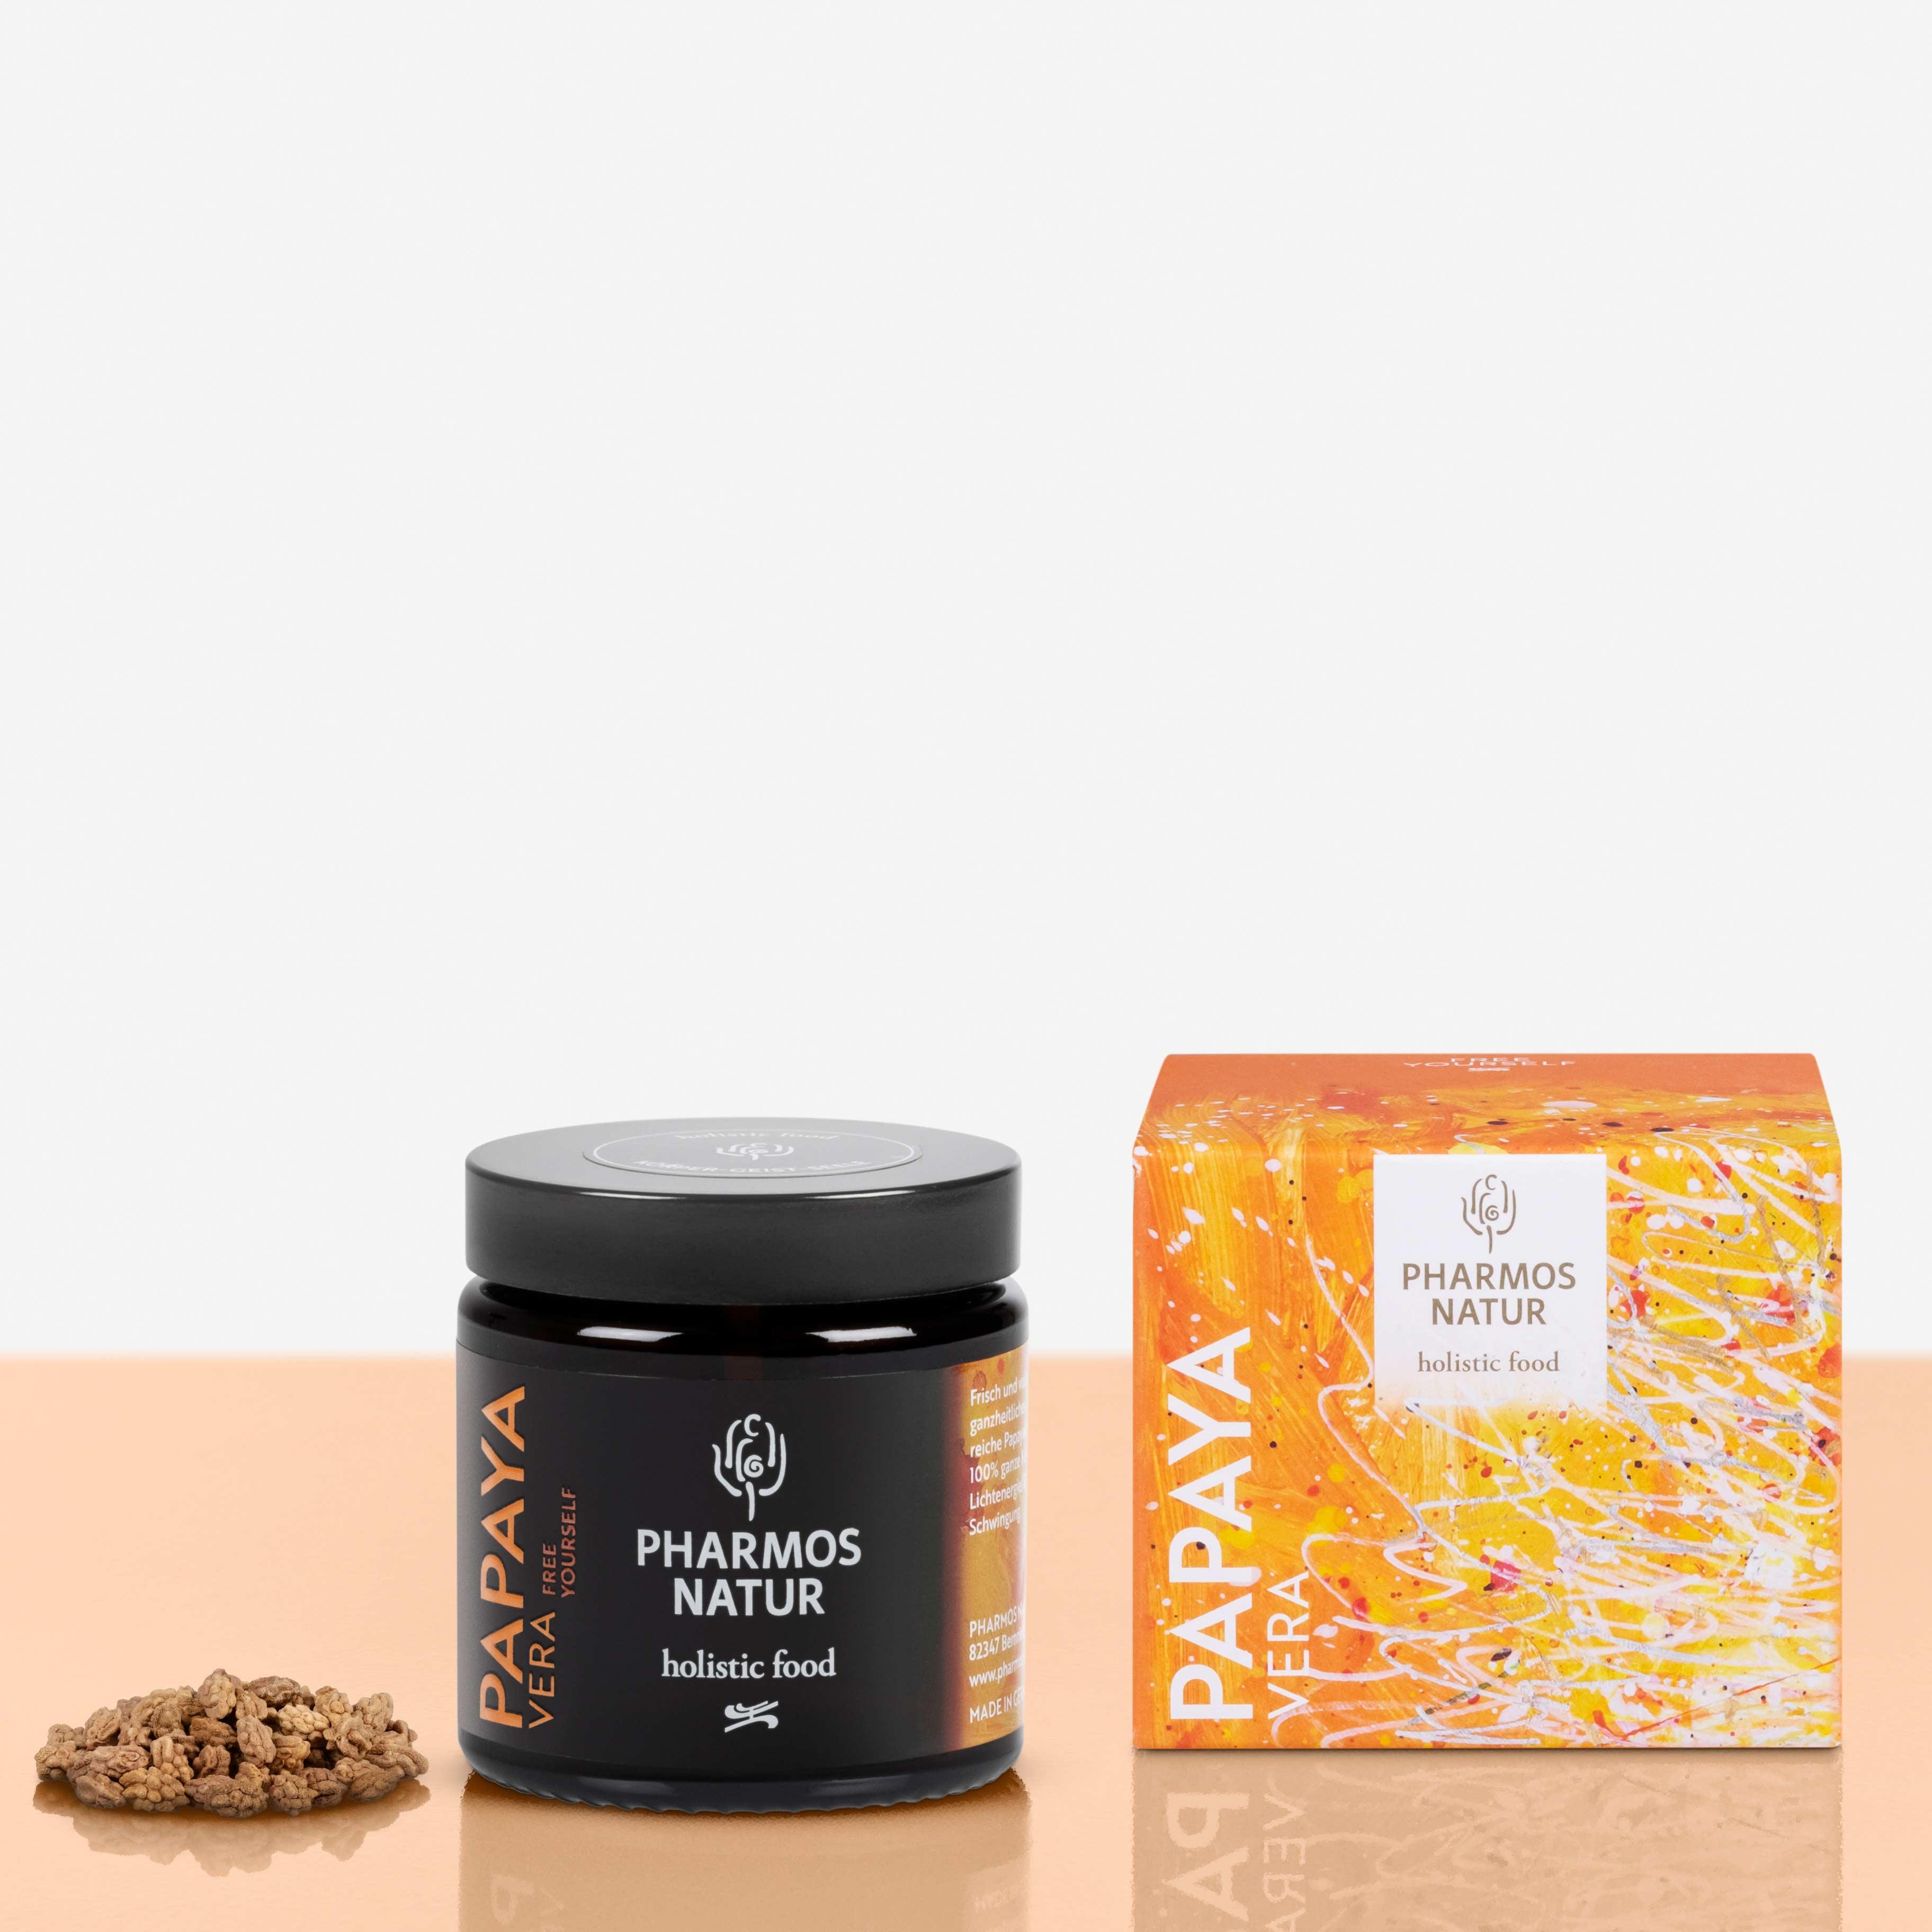 Papaya Vera dunkler Behälter Produktbild neben Pulver und Verpackung